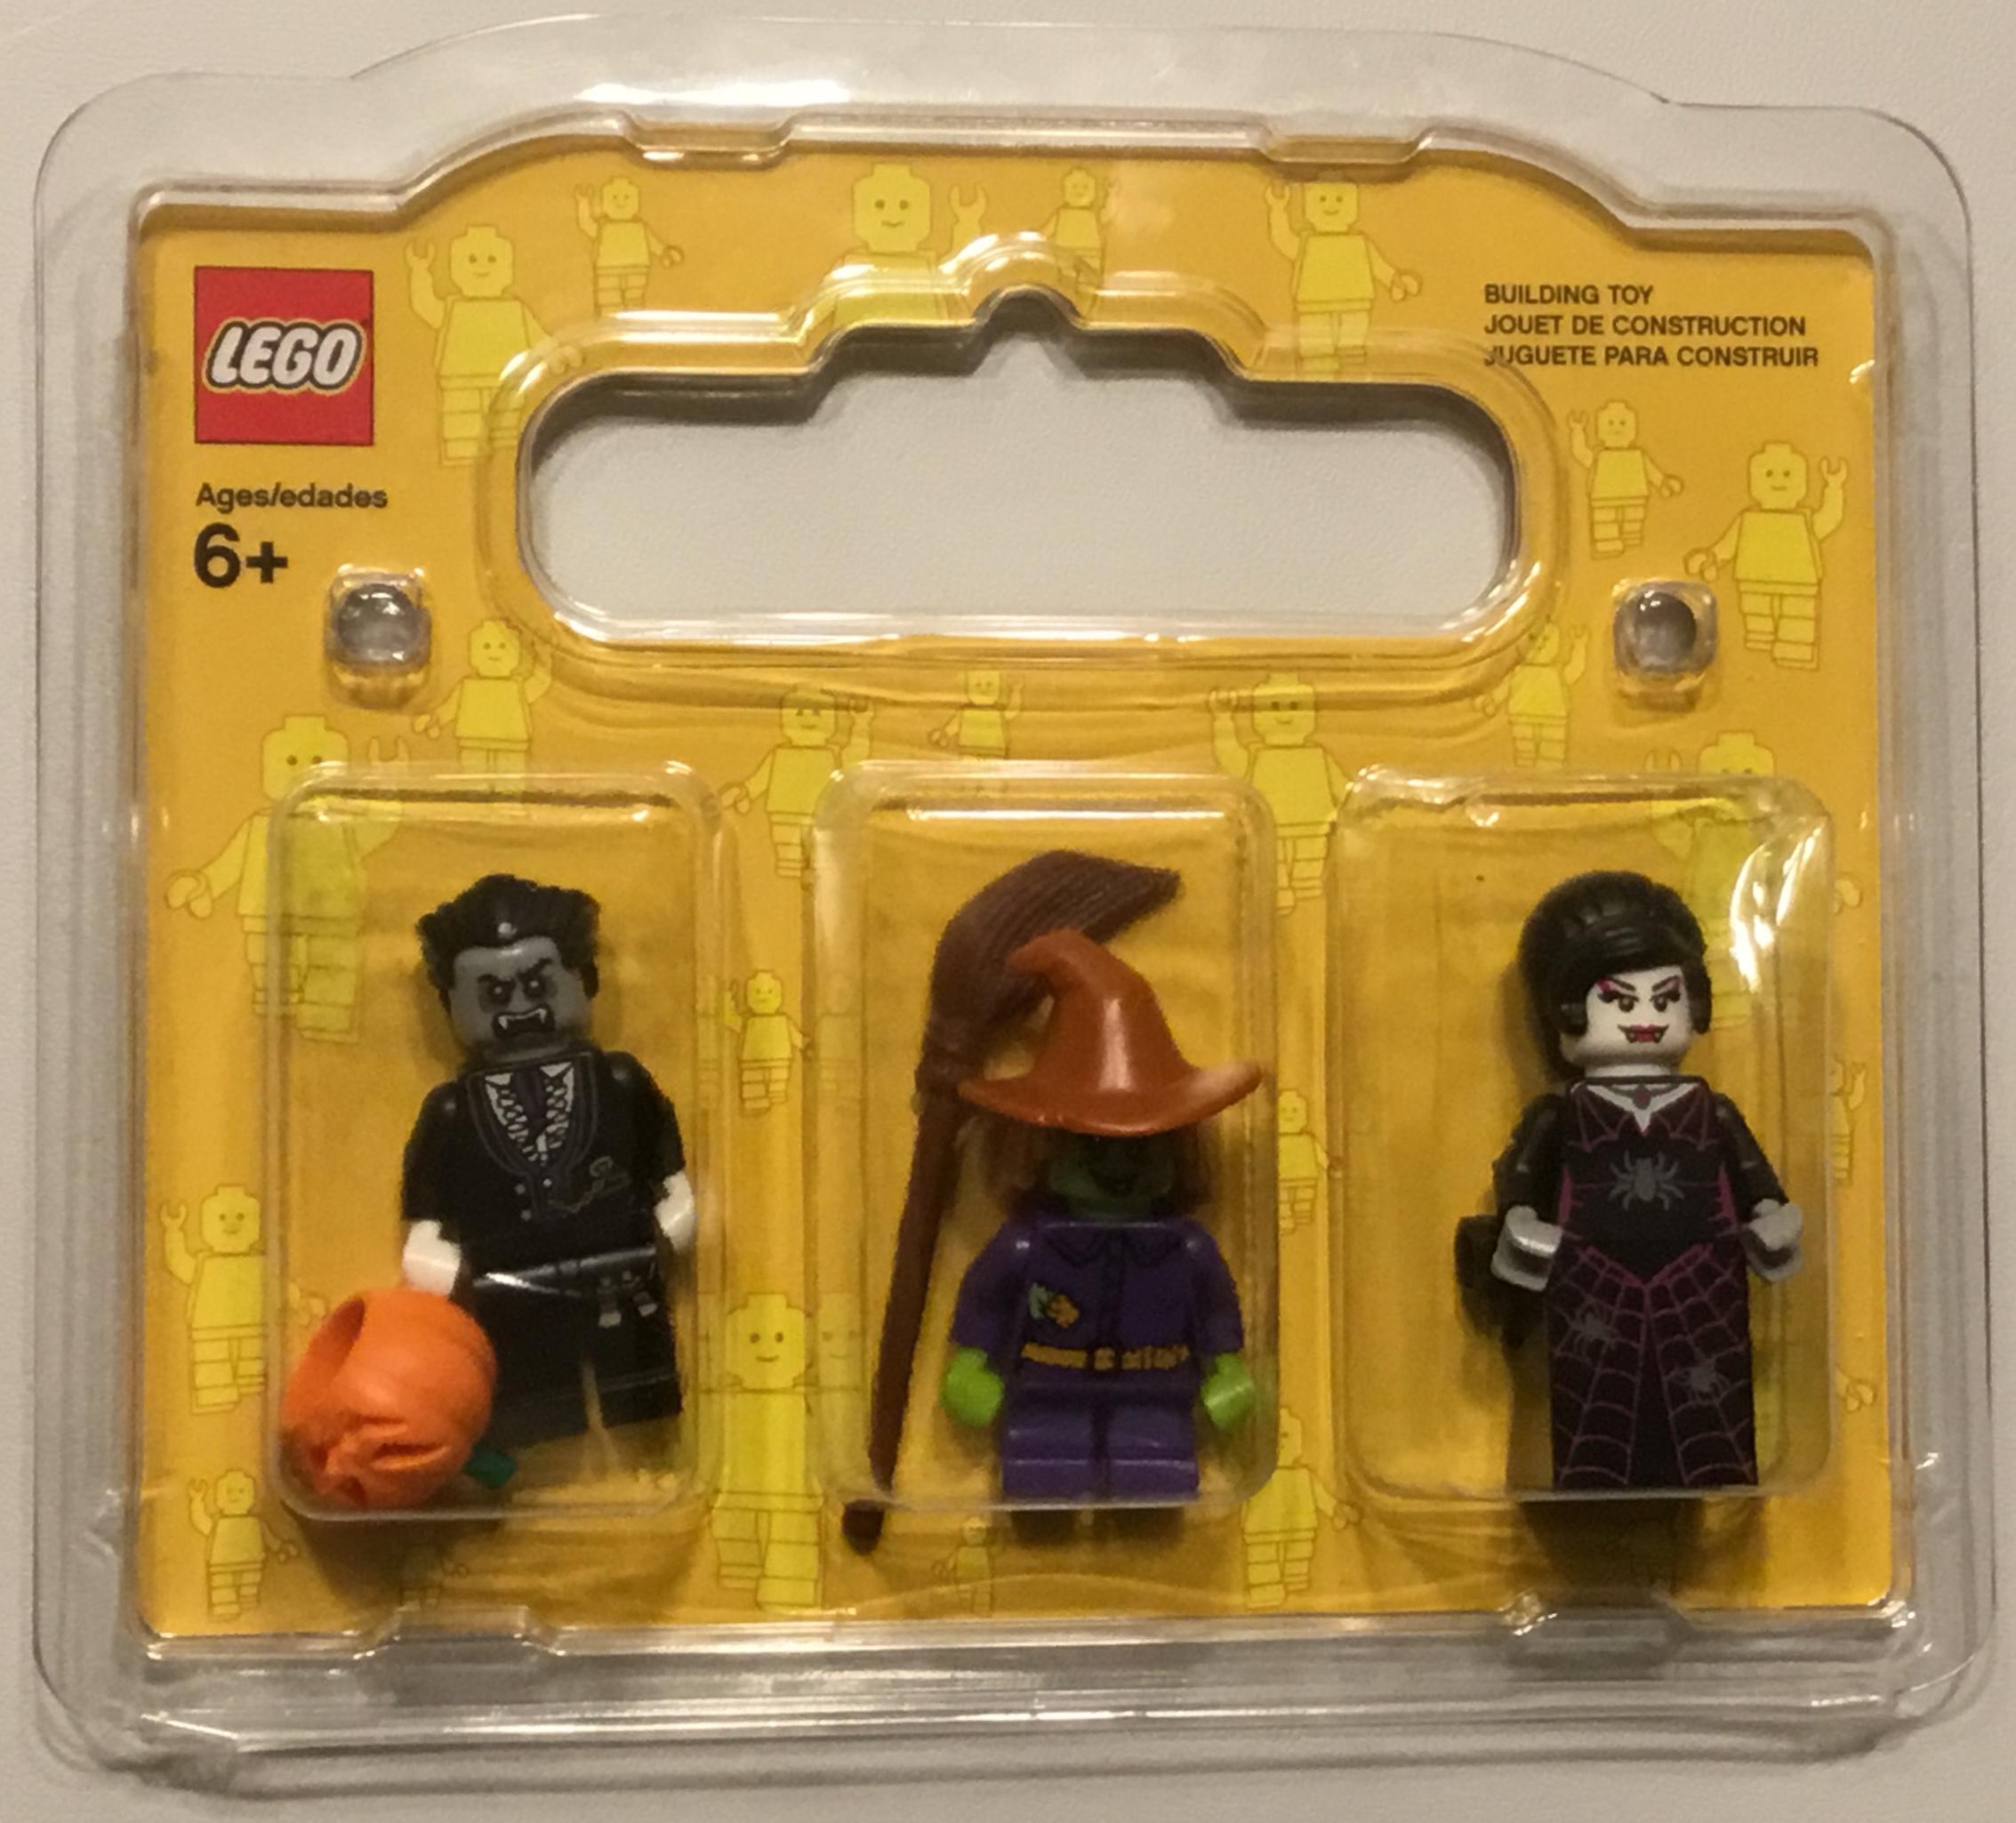 Les Comparateur De Briques LegoToutes Prix HD2YEIW9